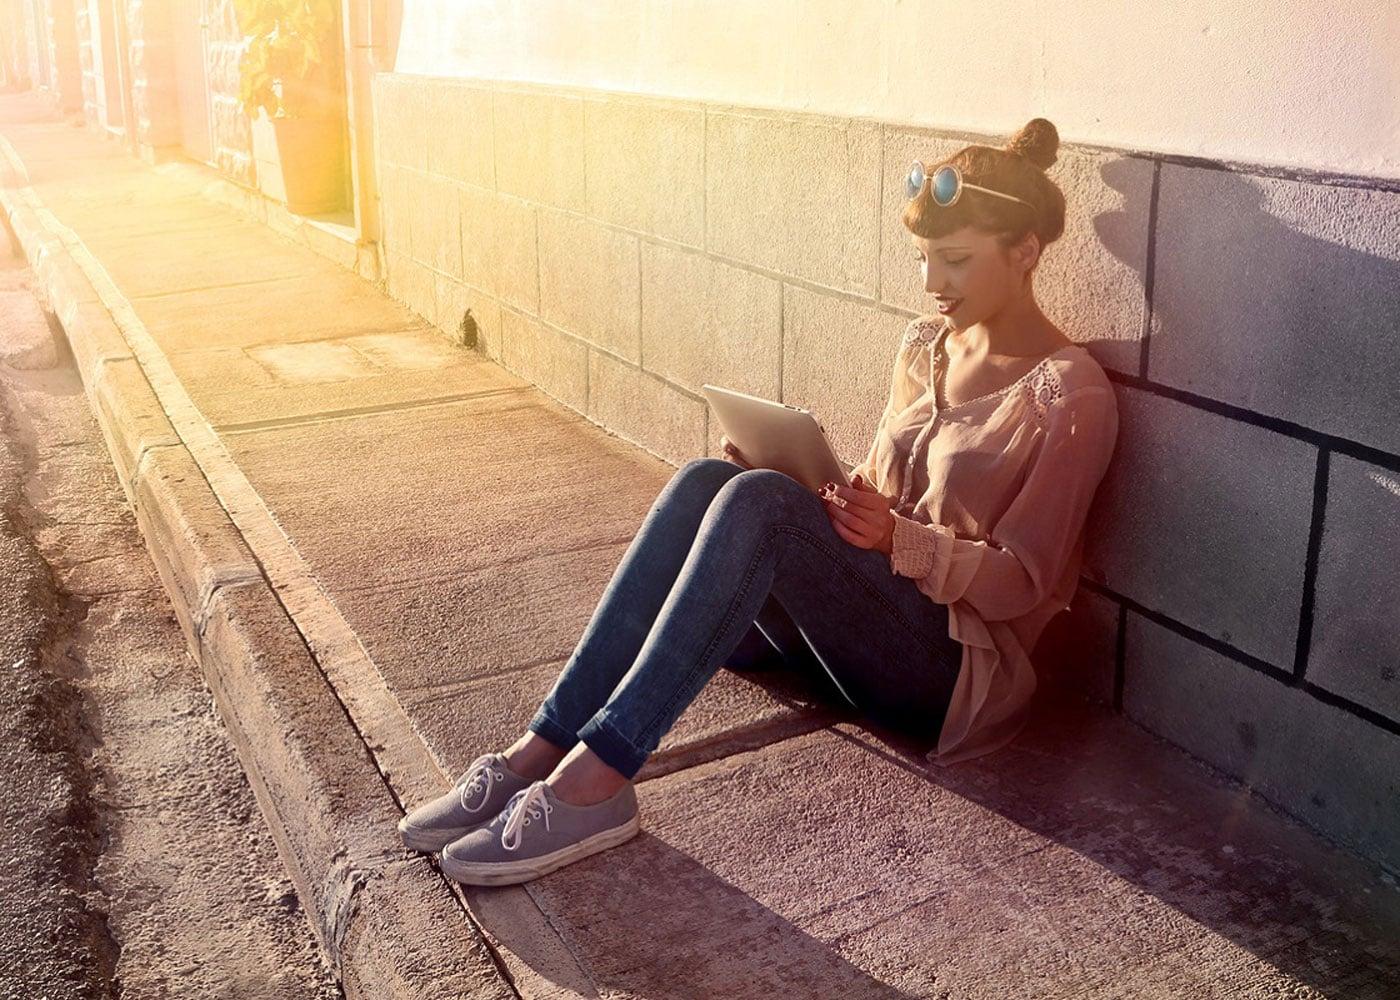 Magazin-Flatrate Readly: Tausende Magazine in einer App // HIMBEER